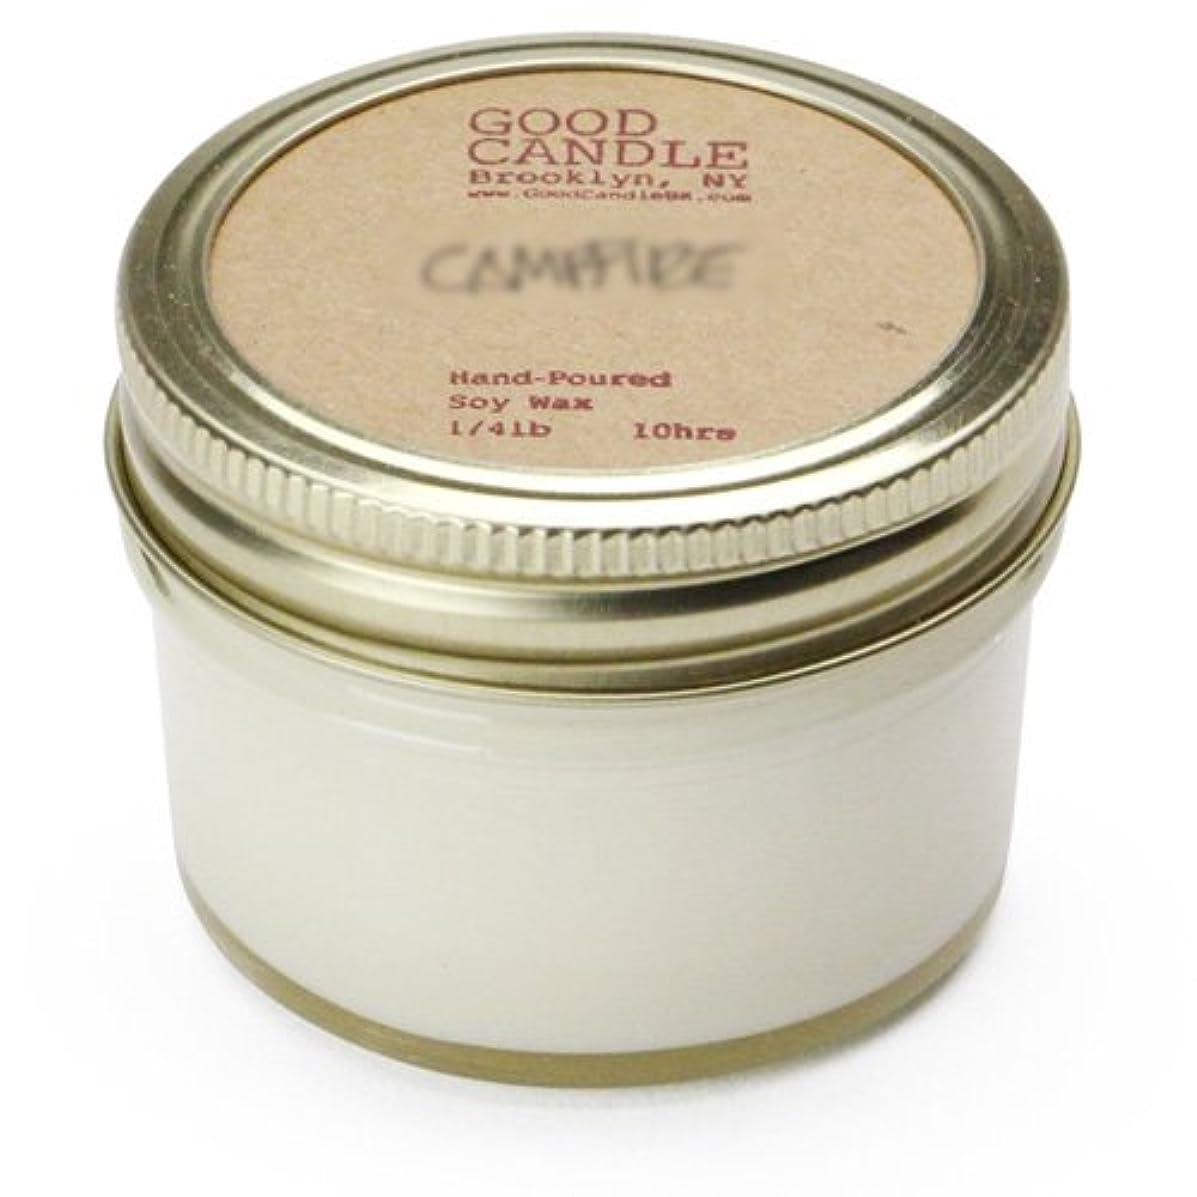 賞賛借りるスタジオグッドキャンドル 1/4ポンド ゼリージャー キャンドル Good Candle 1/4LB Jelly jar candle [ Wash board ] 正規品